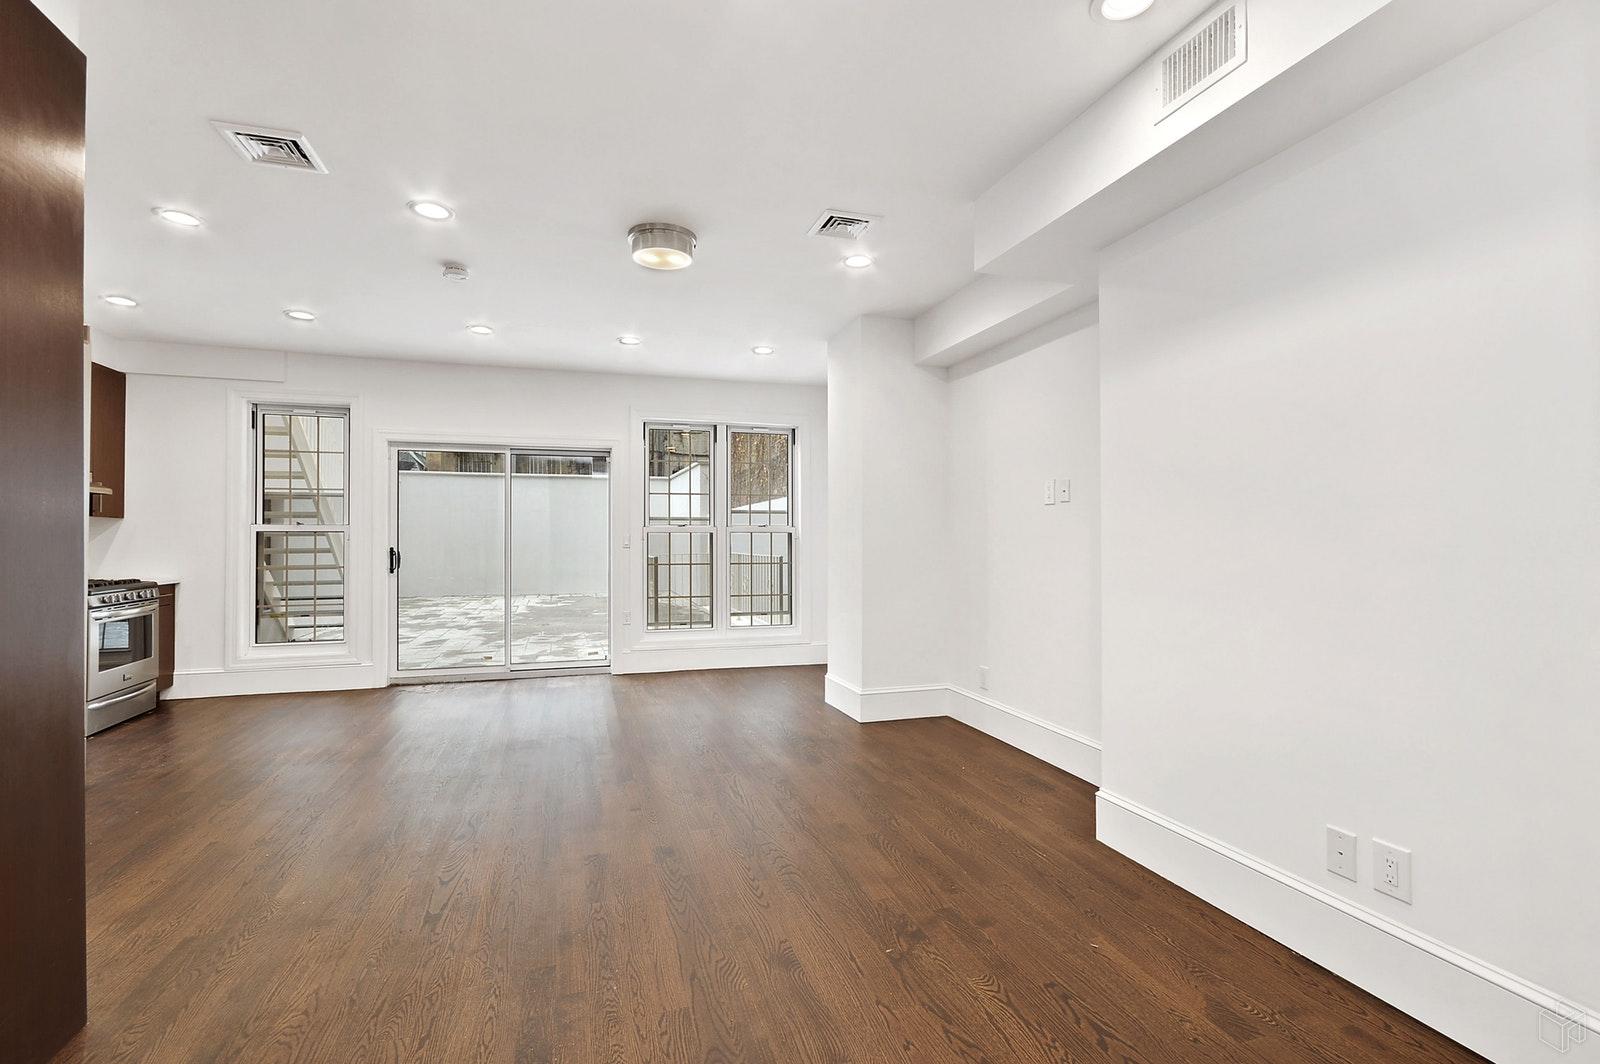 407 EAST 6TH STREET 1, East Village, $11,500, Web #: 19522893